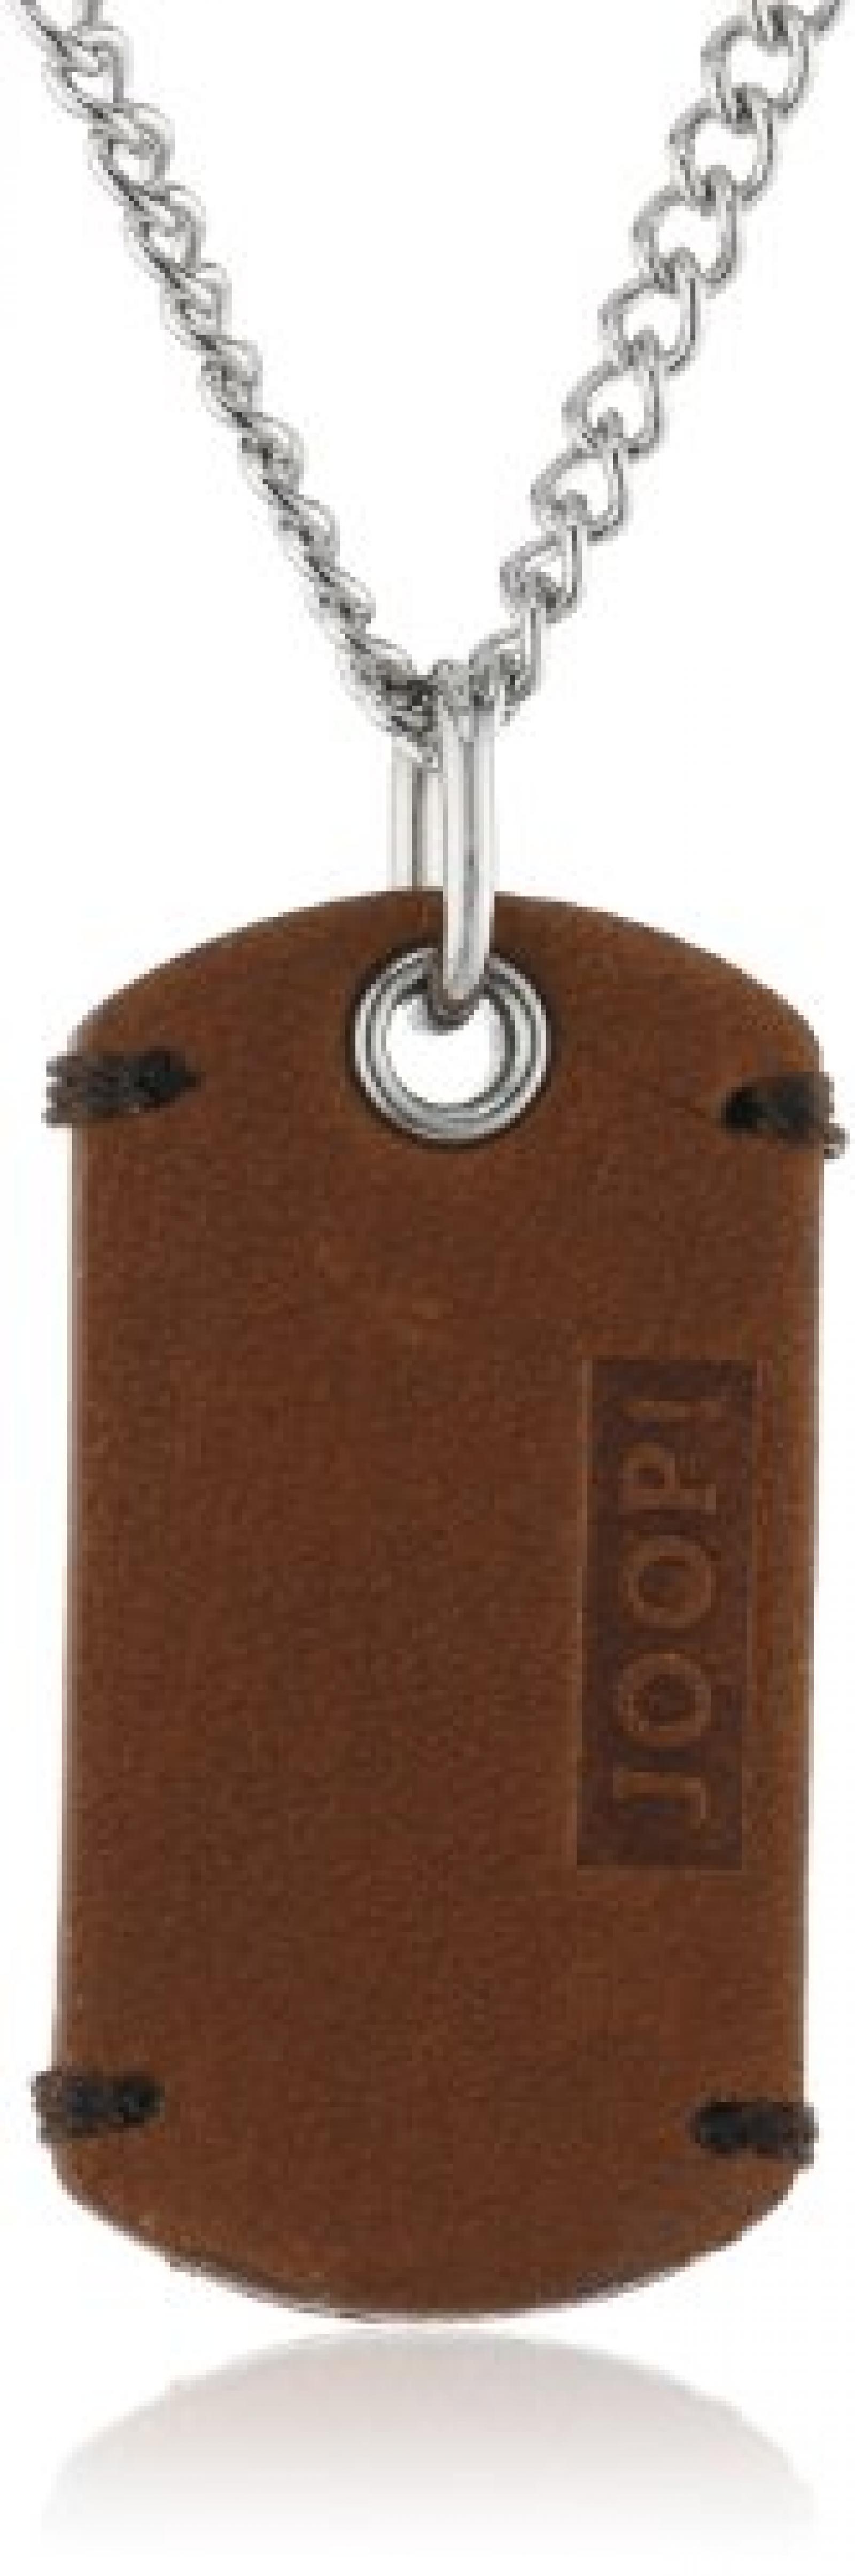 Joop! Herren-Halskette Bruce Leder braun Edelstahl ca. 50 cm (45 + 5 cm) JPNL10520A500